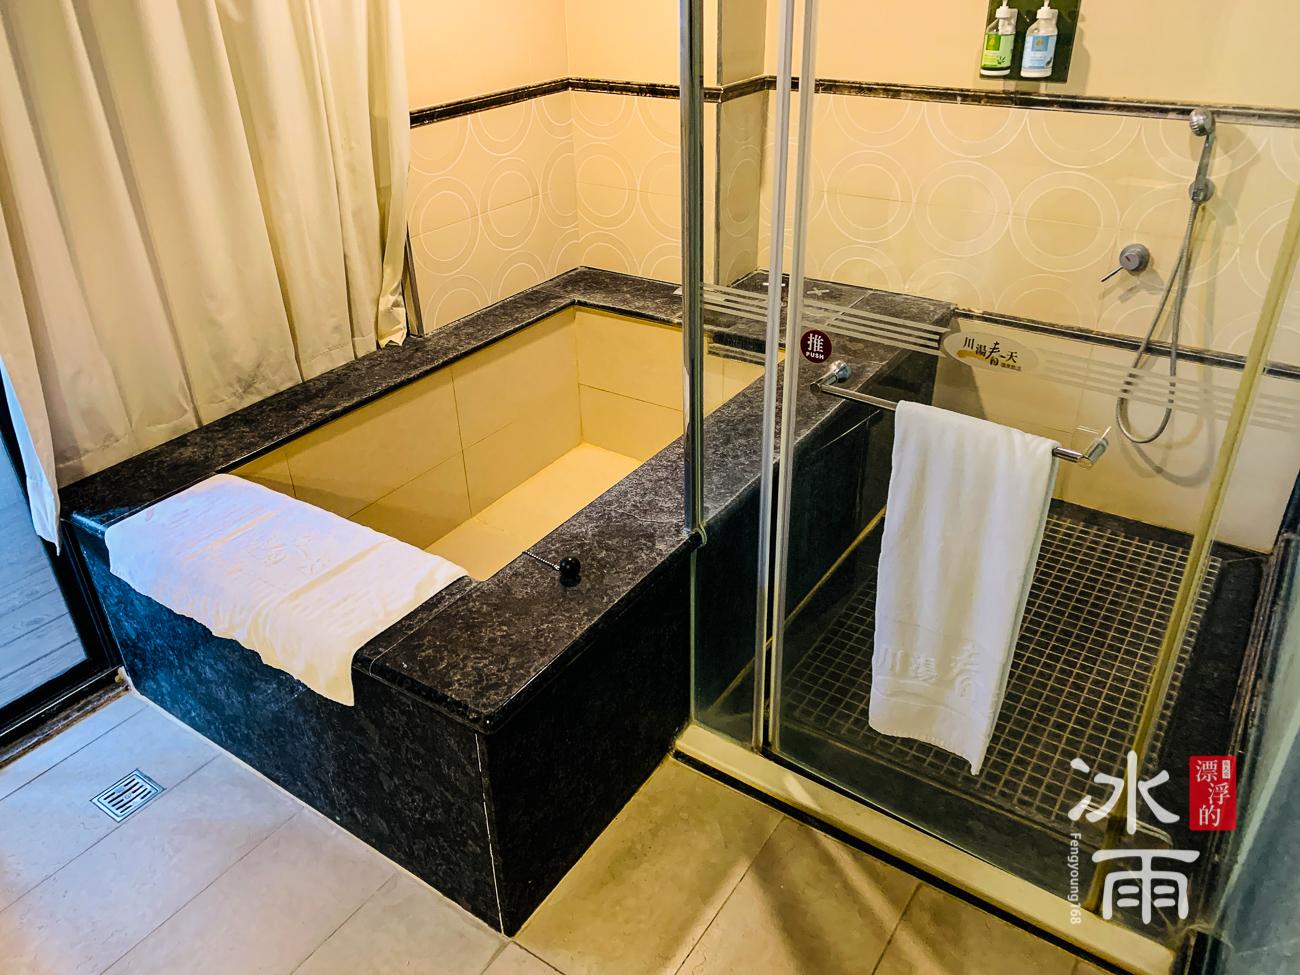 川湯春天溫泉飯店德陽館 泡湯浴池